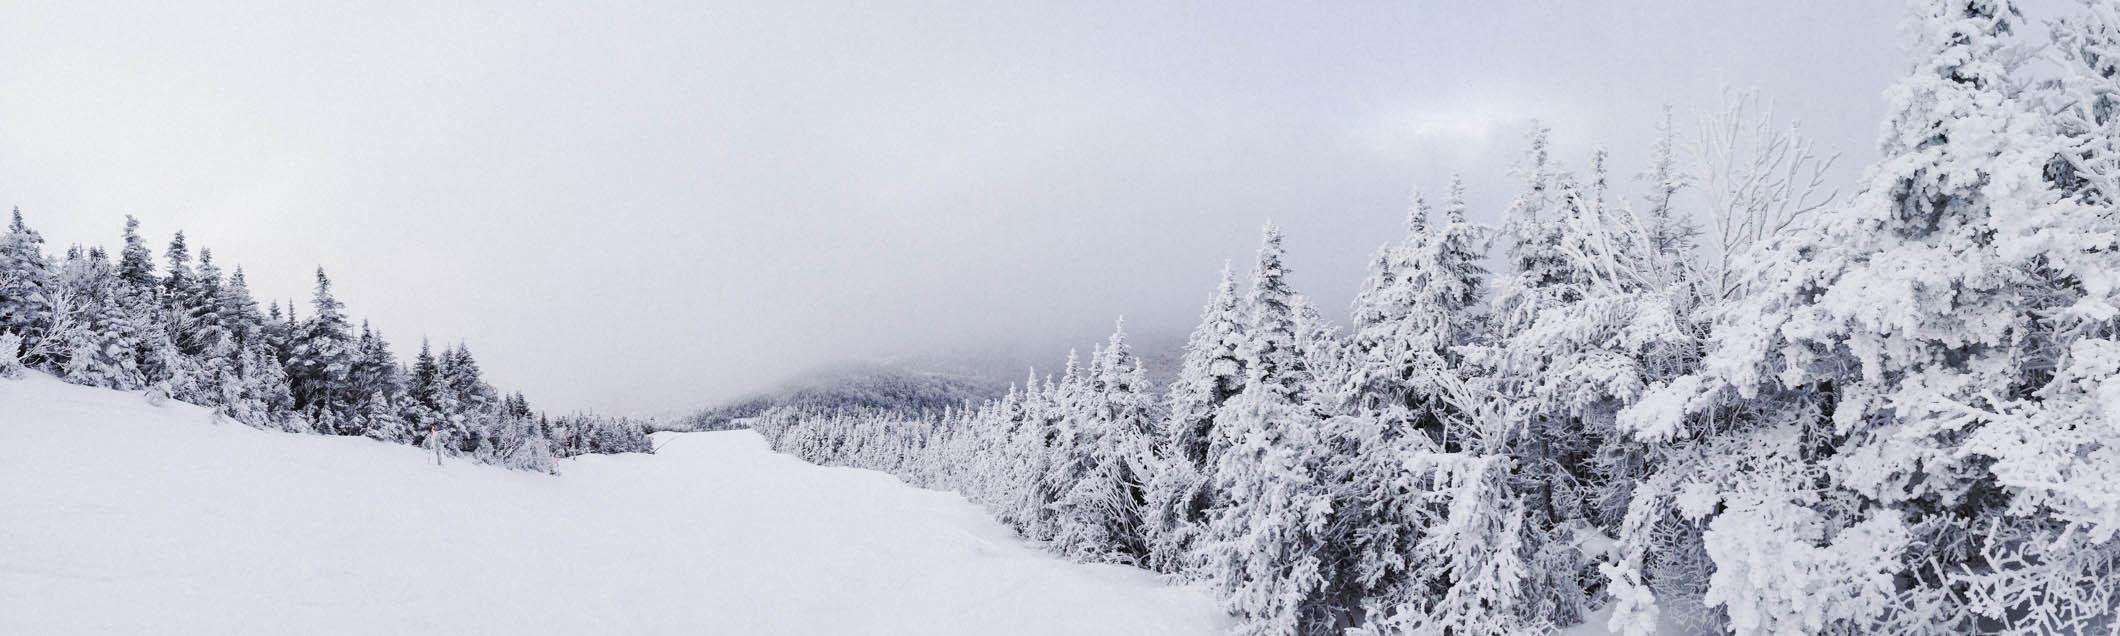 snowy-vermont-02